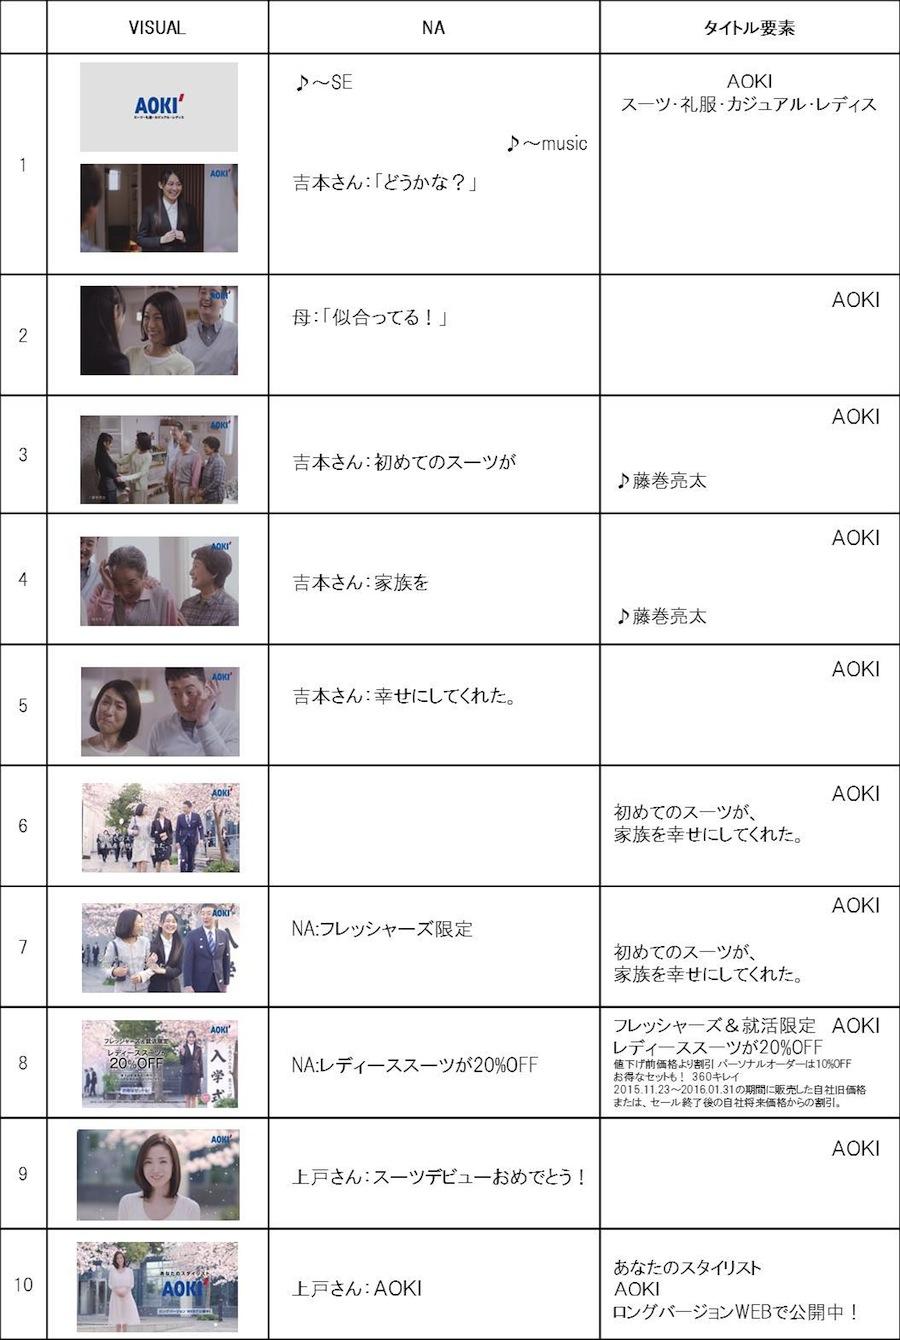 吉本実憂-中川大志-AOKIフレッシャーズCM story